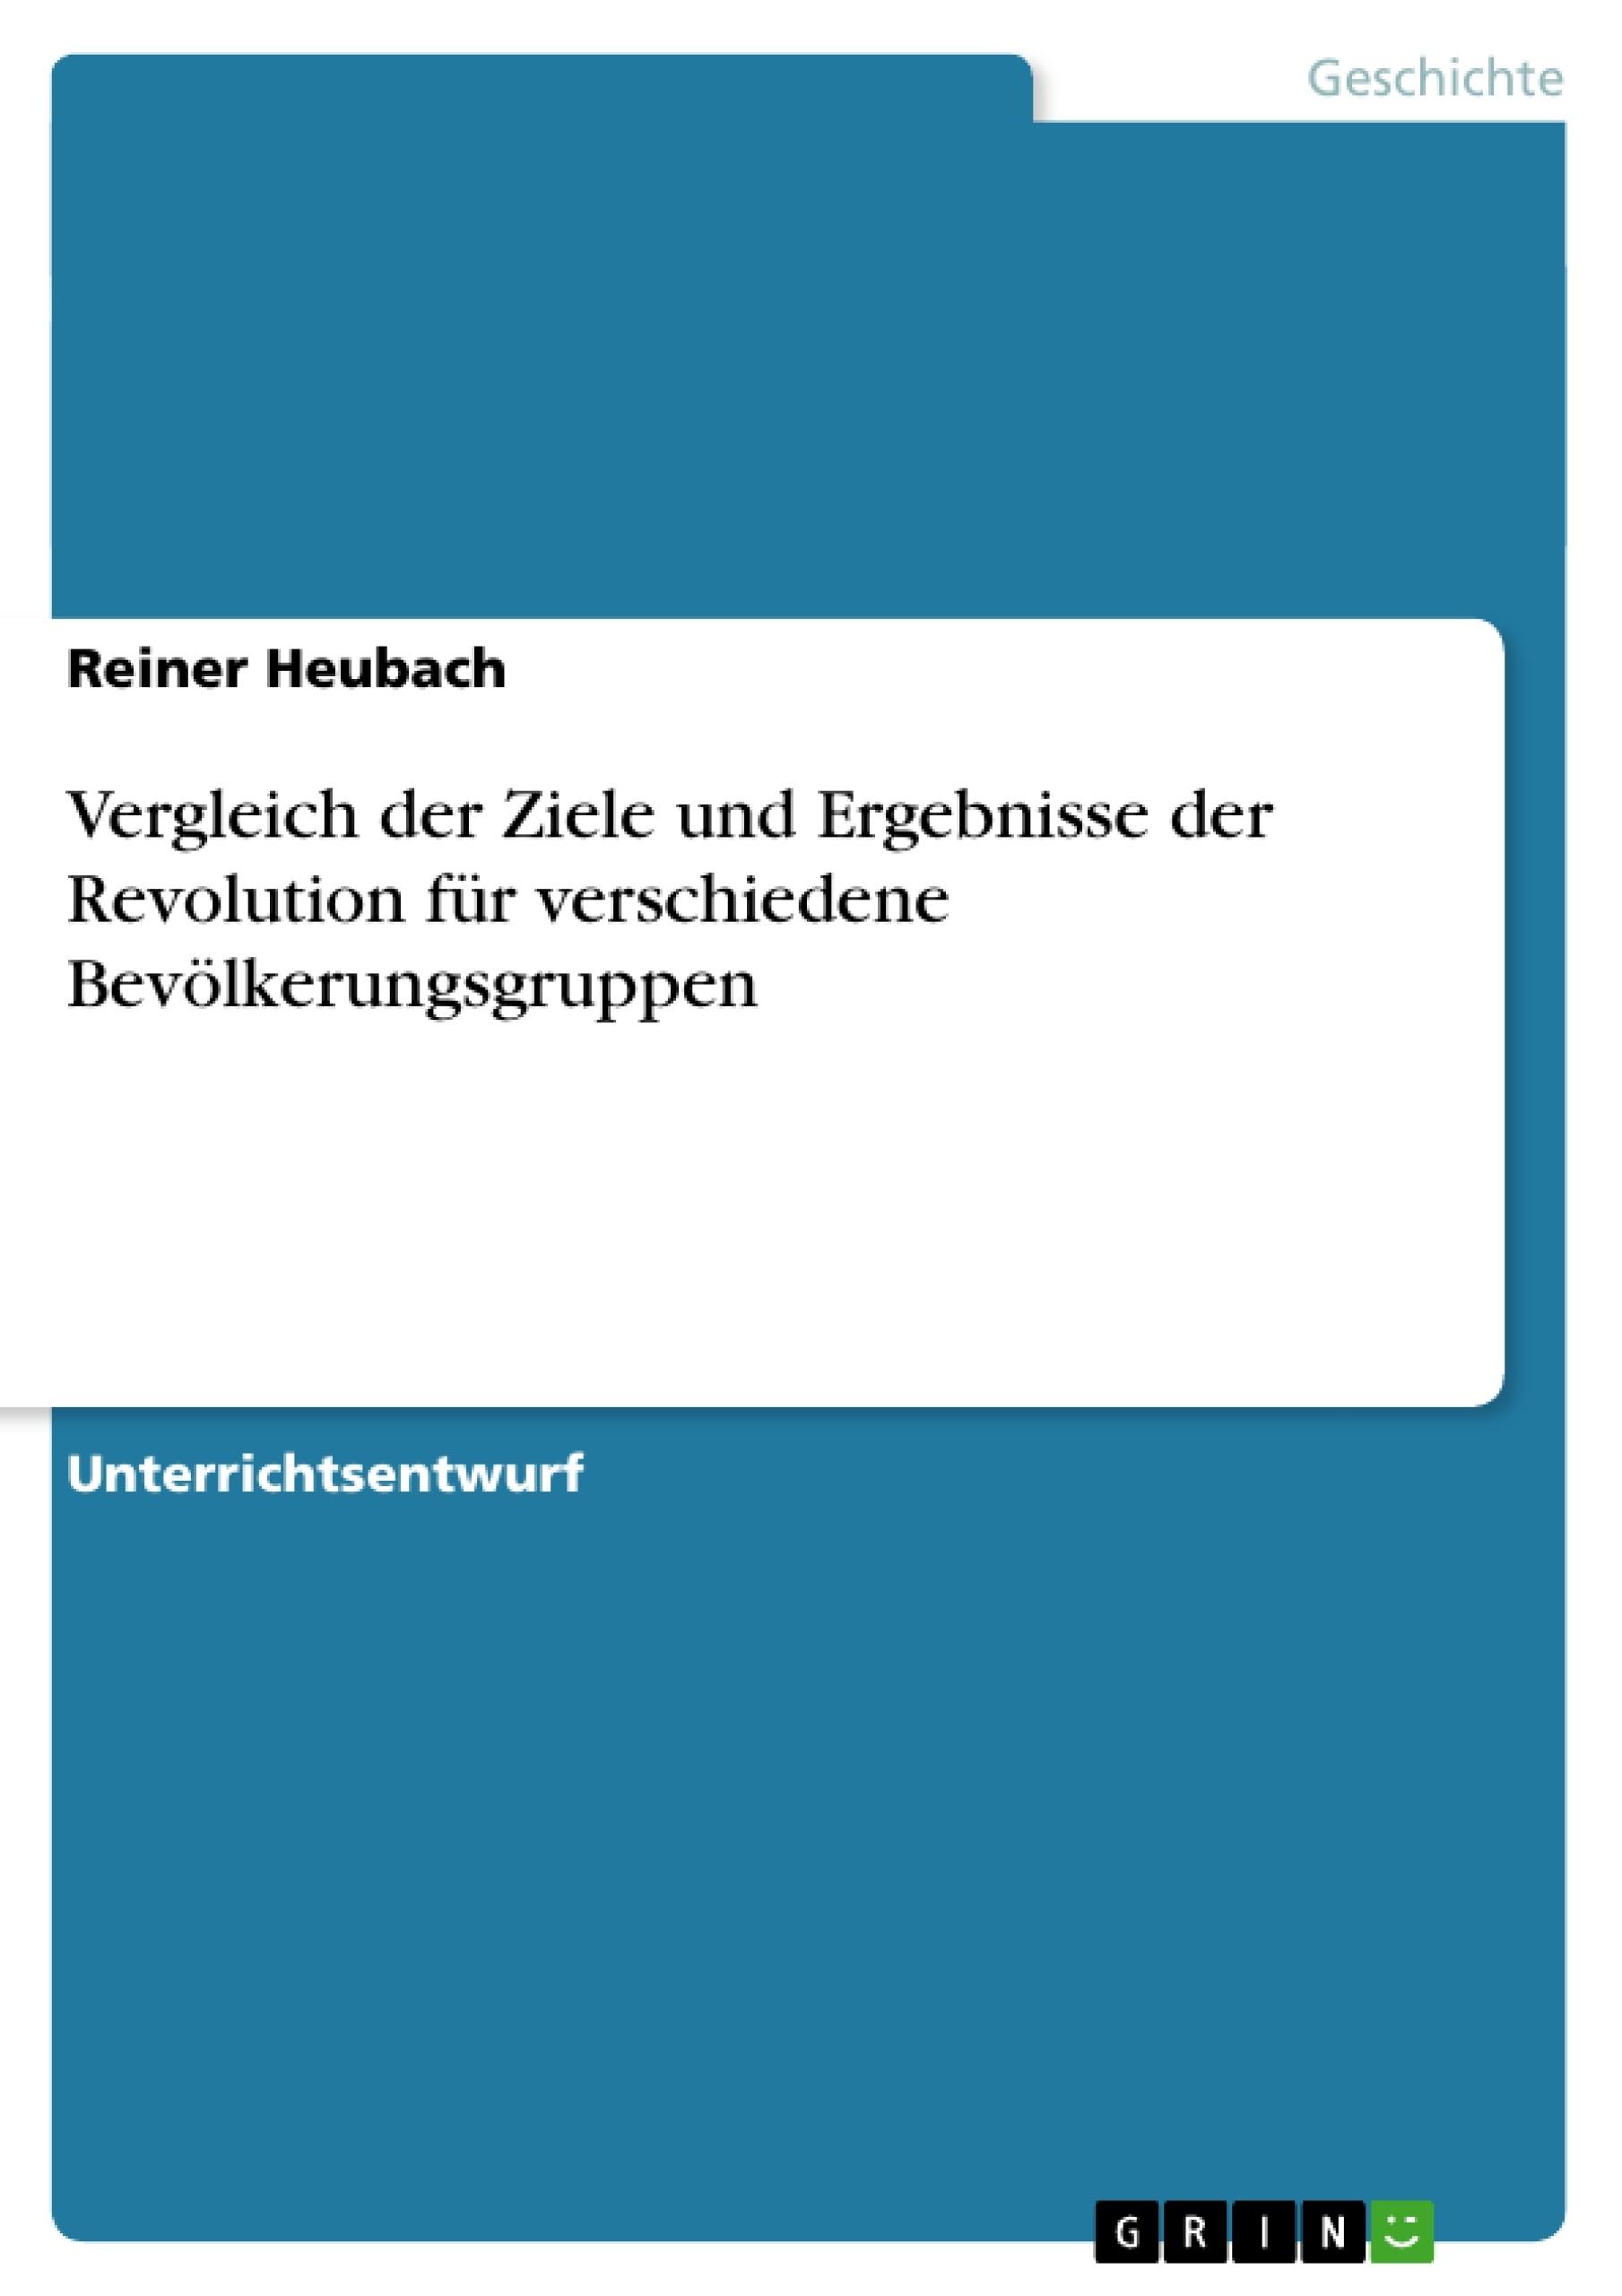 Titel: Vergleich der Ziele und Ergebnisse der Revolution für  verschiedene Bevölkerungsgruppen